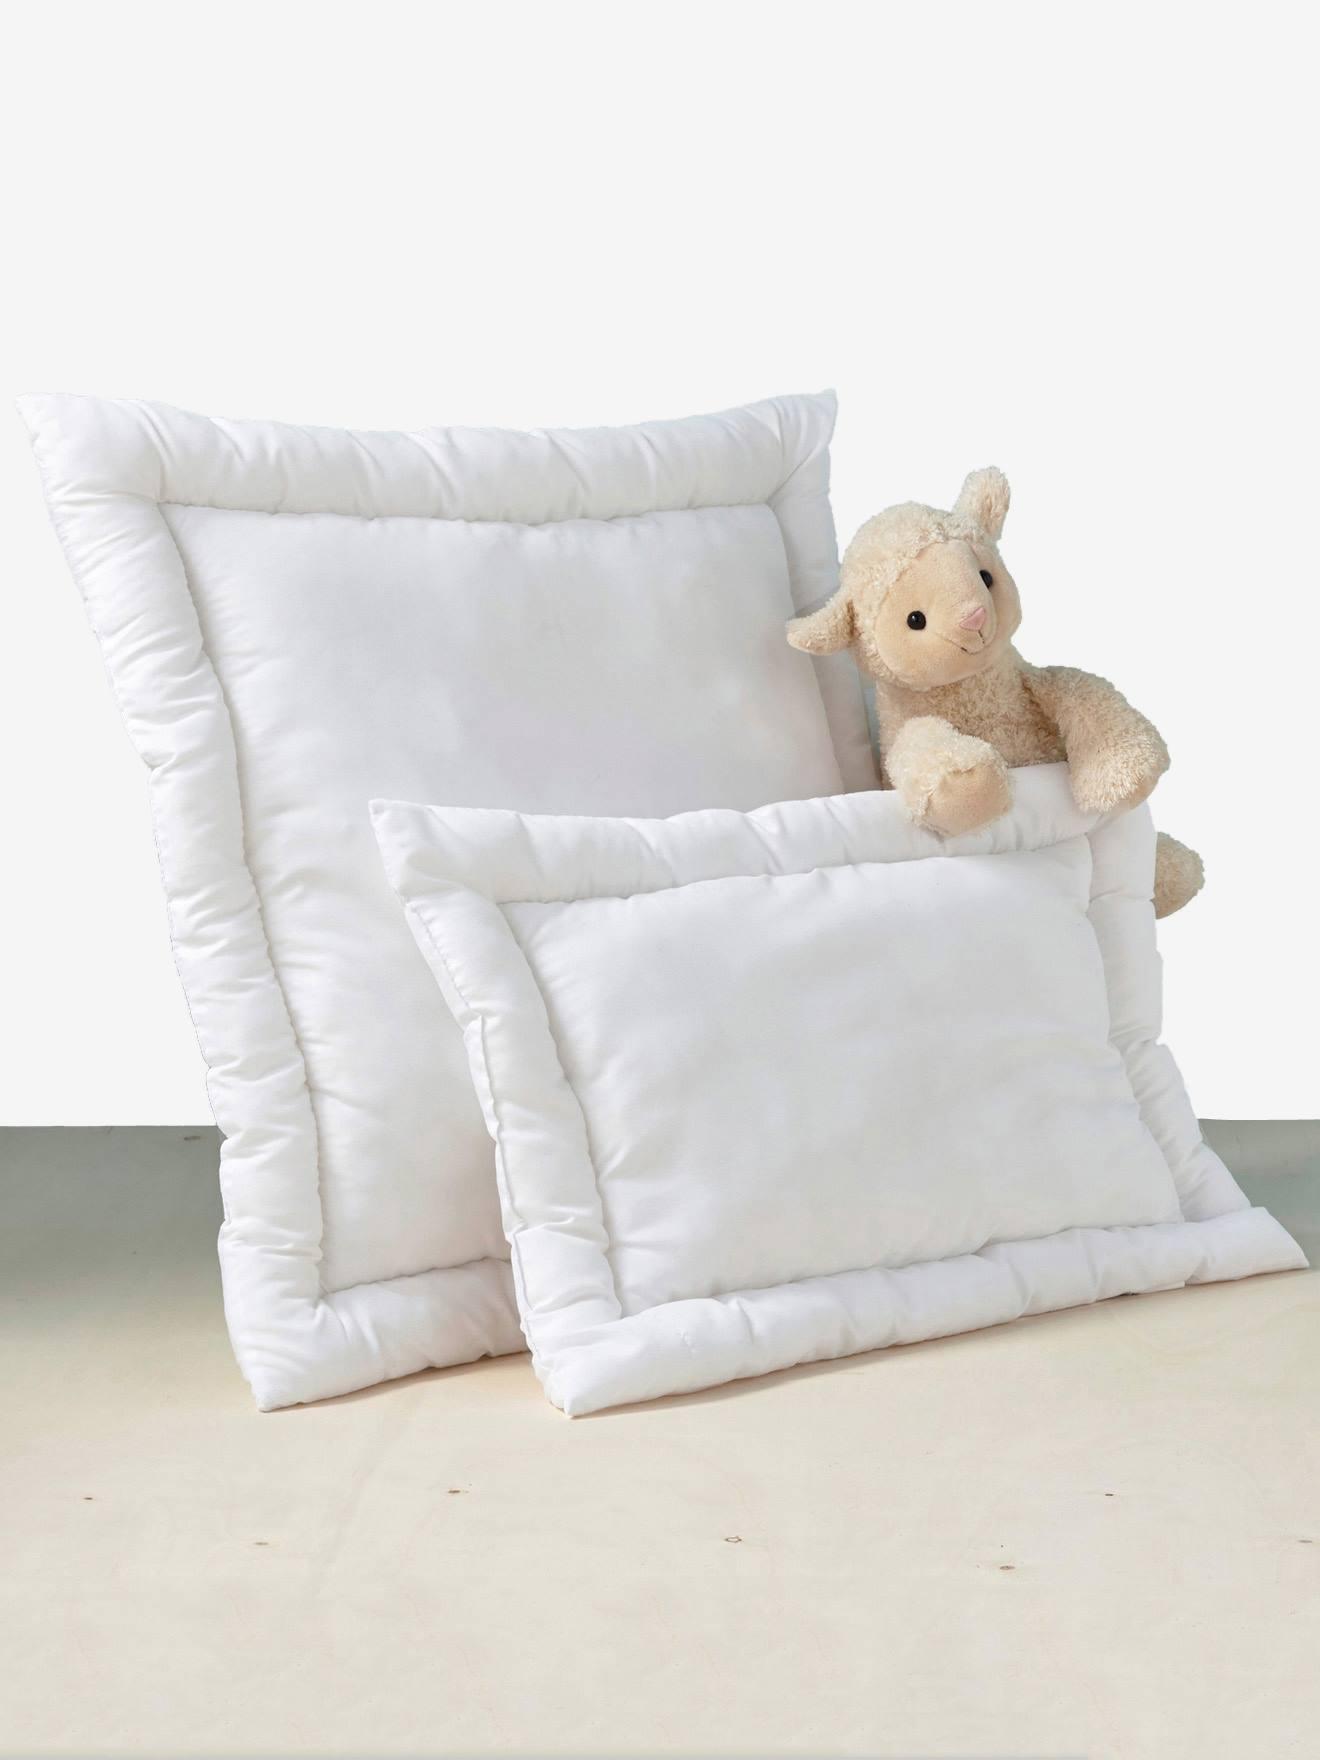 meubles et linge de lit literie oreiller plat anti acariens traite bi